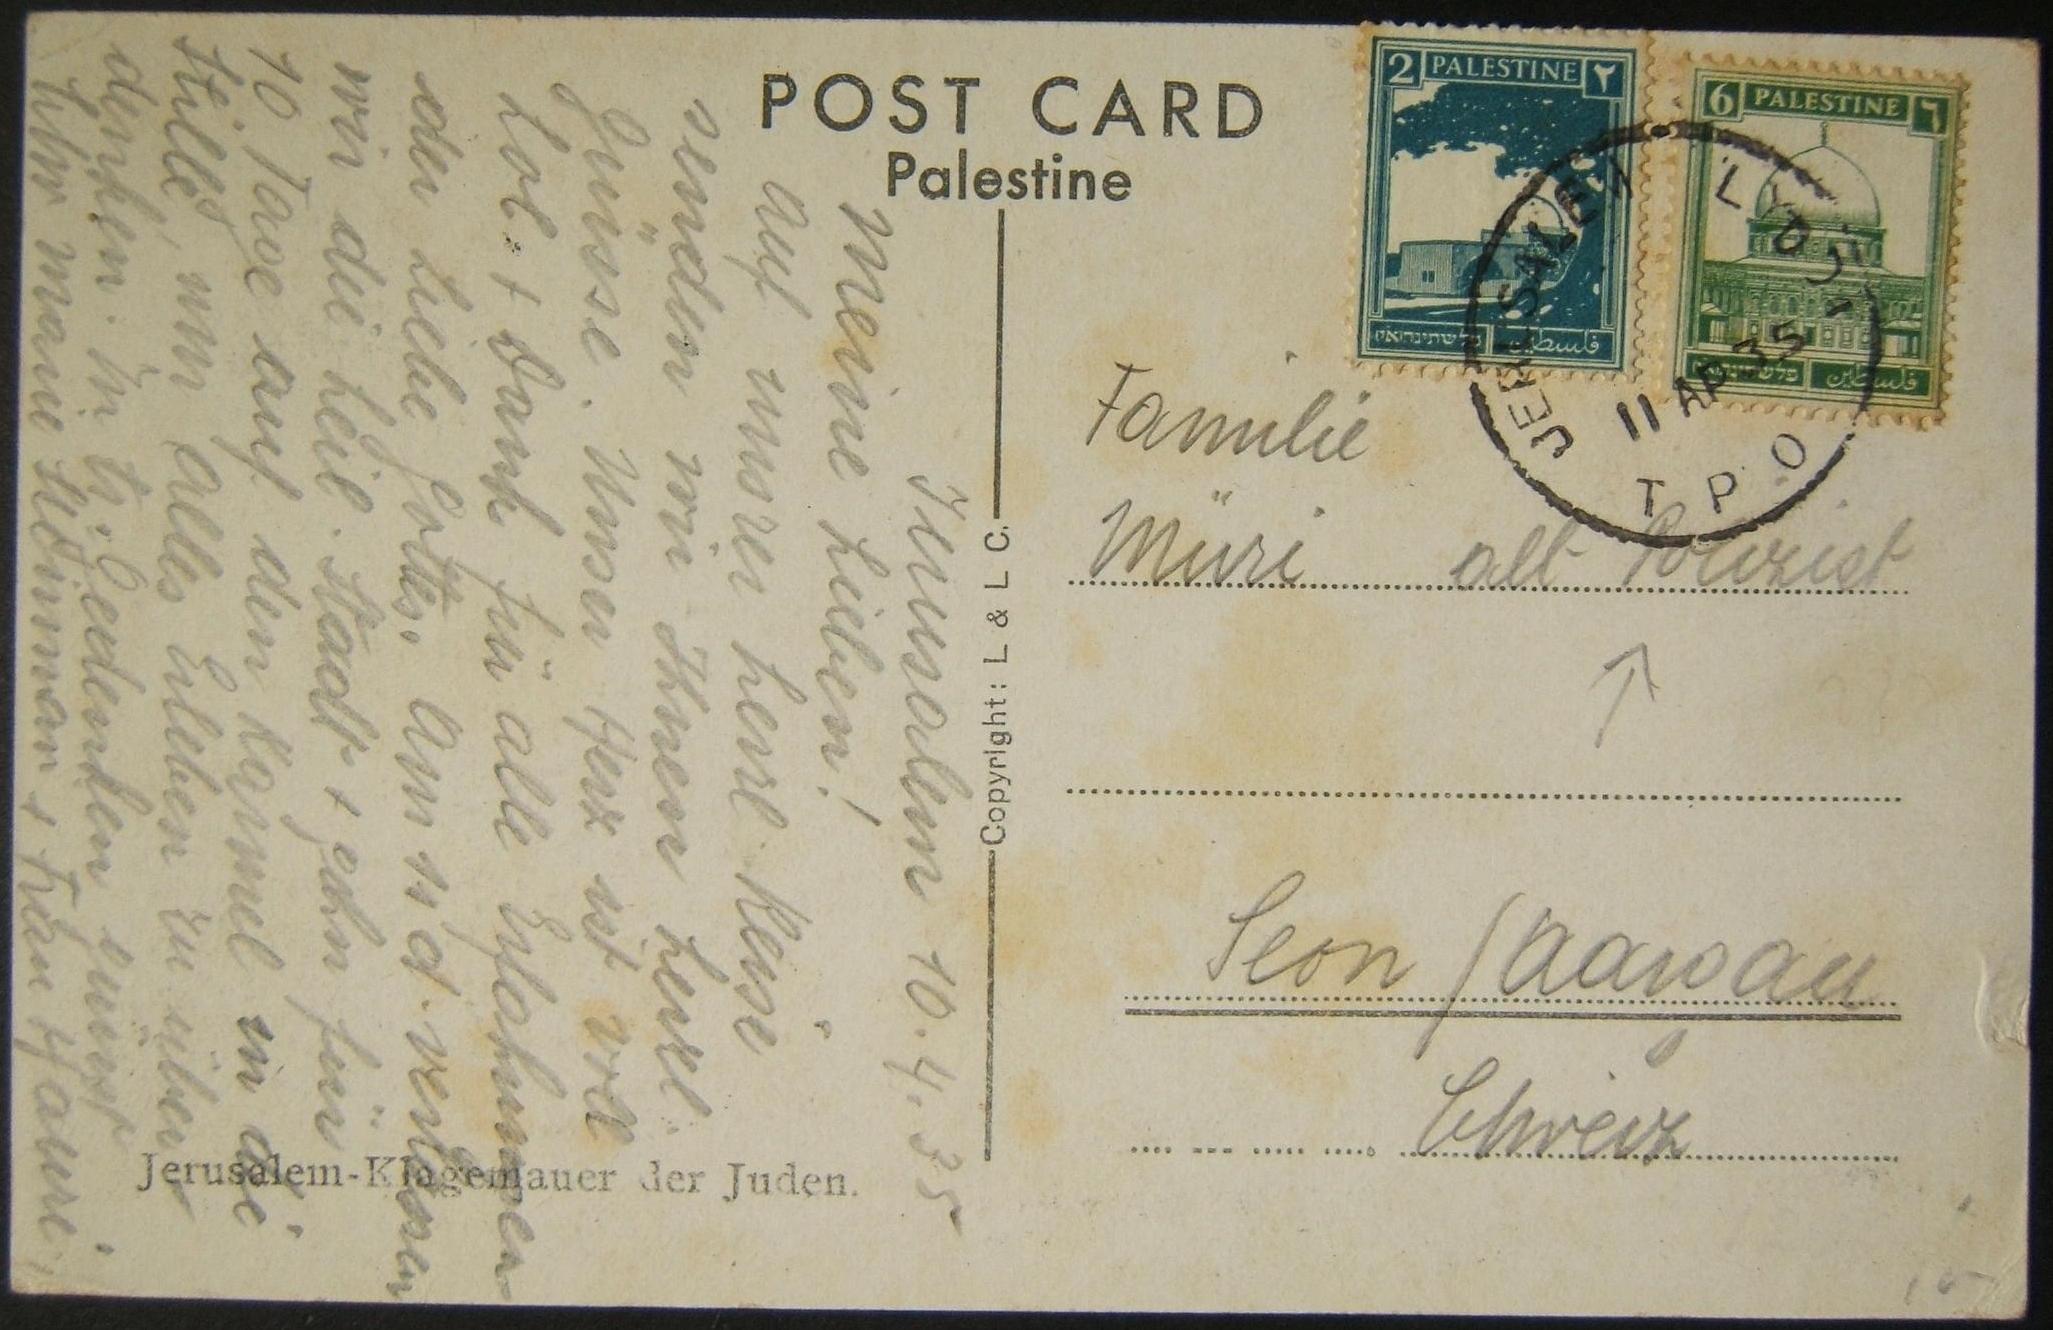 4/1935 نادرة للغاية نادرة ختم بريدية دينار أردني TDA على بطاقة بريدية إلى سويسرا